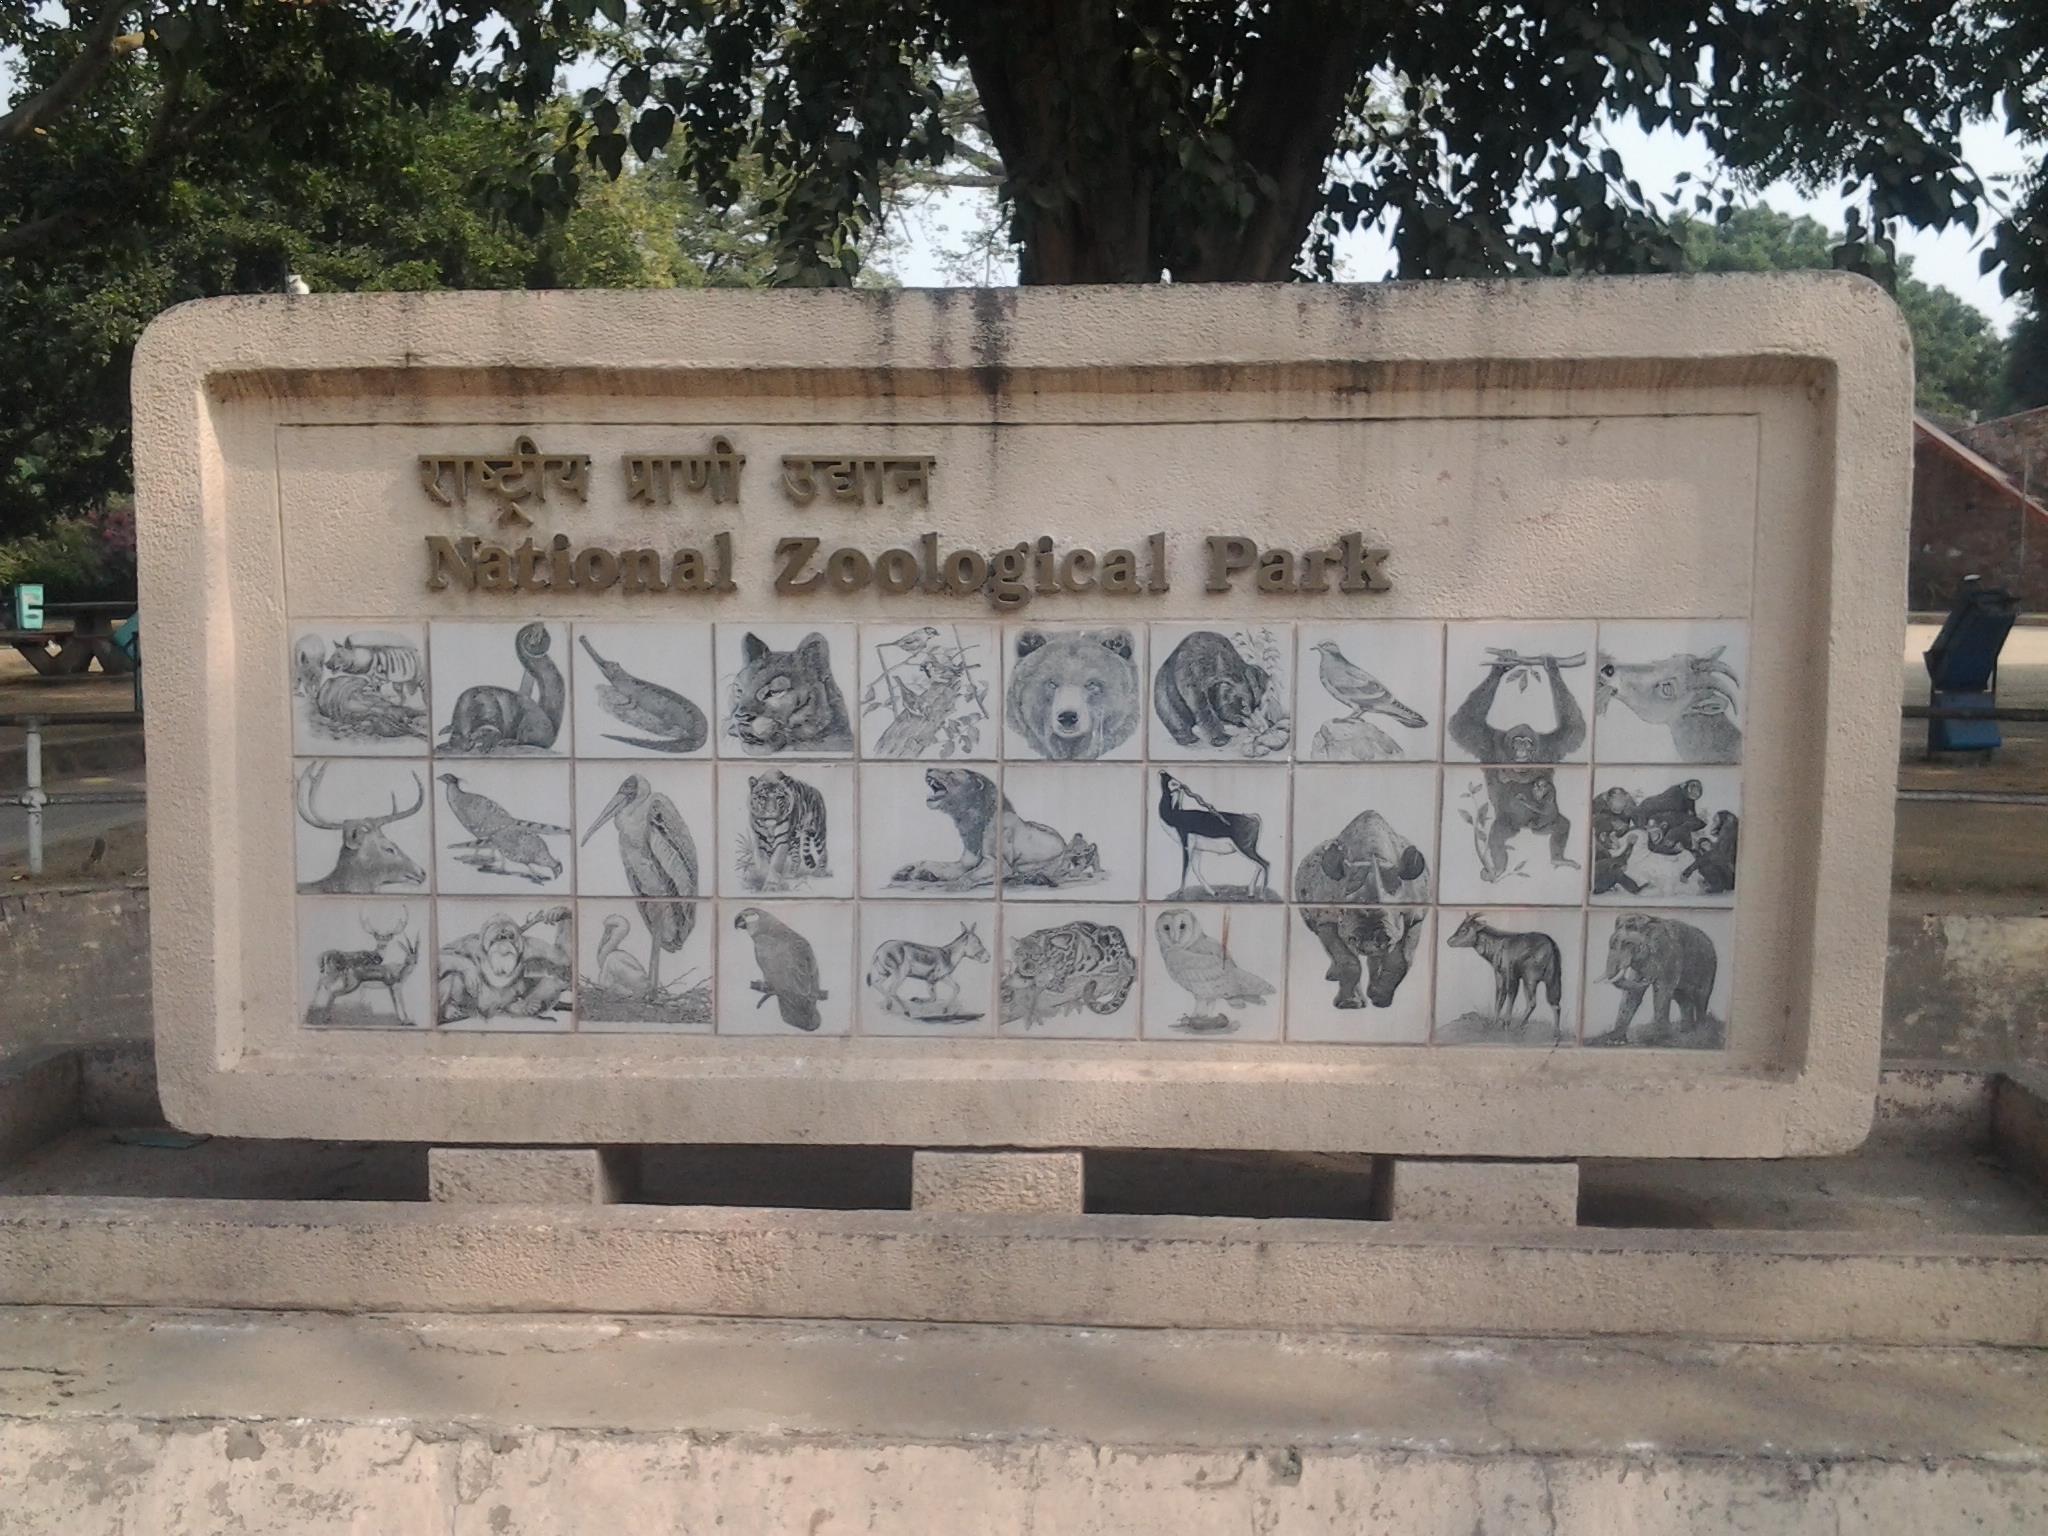 National Zoological Park - Delhi Image